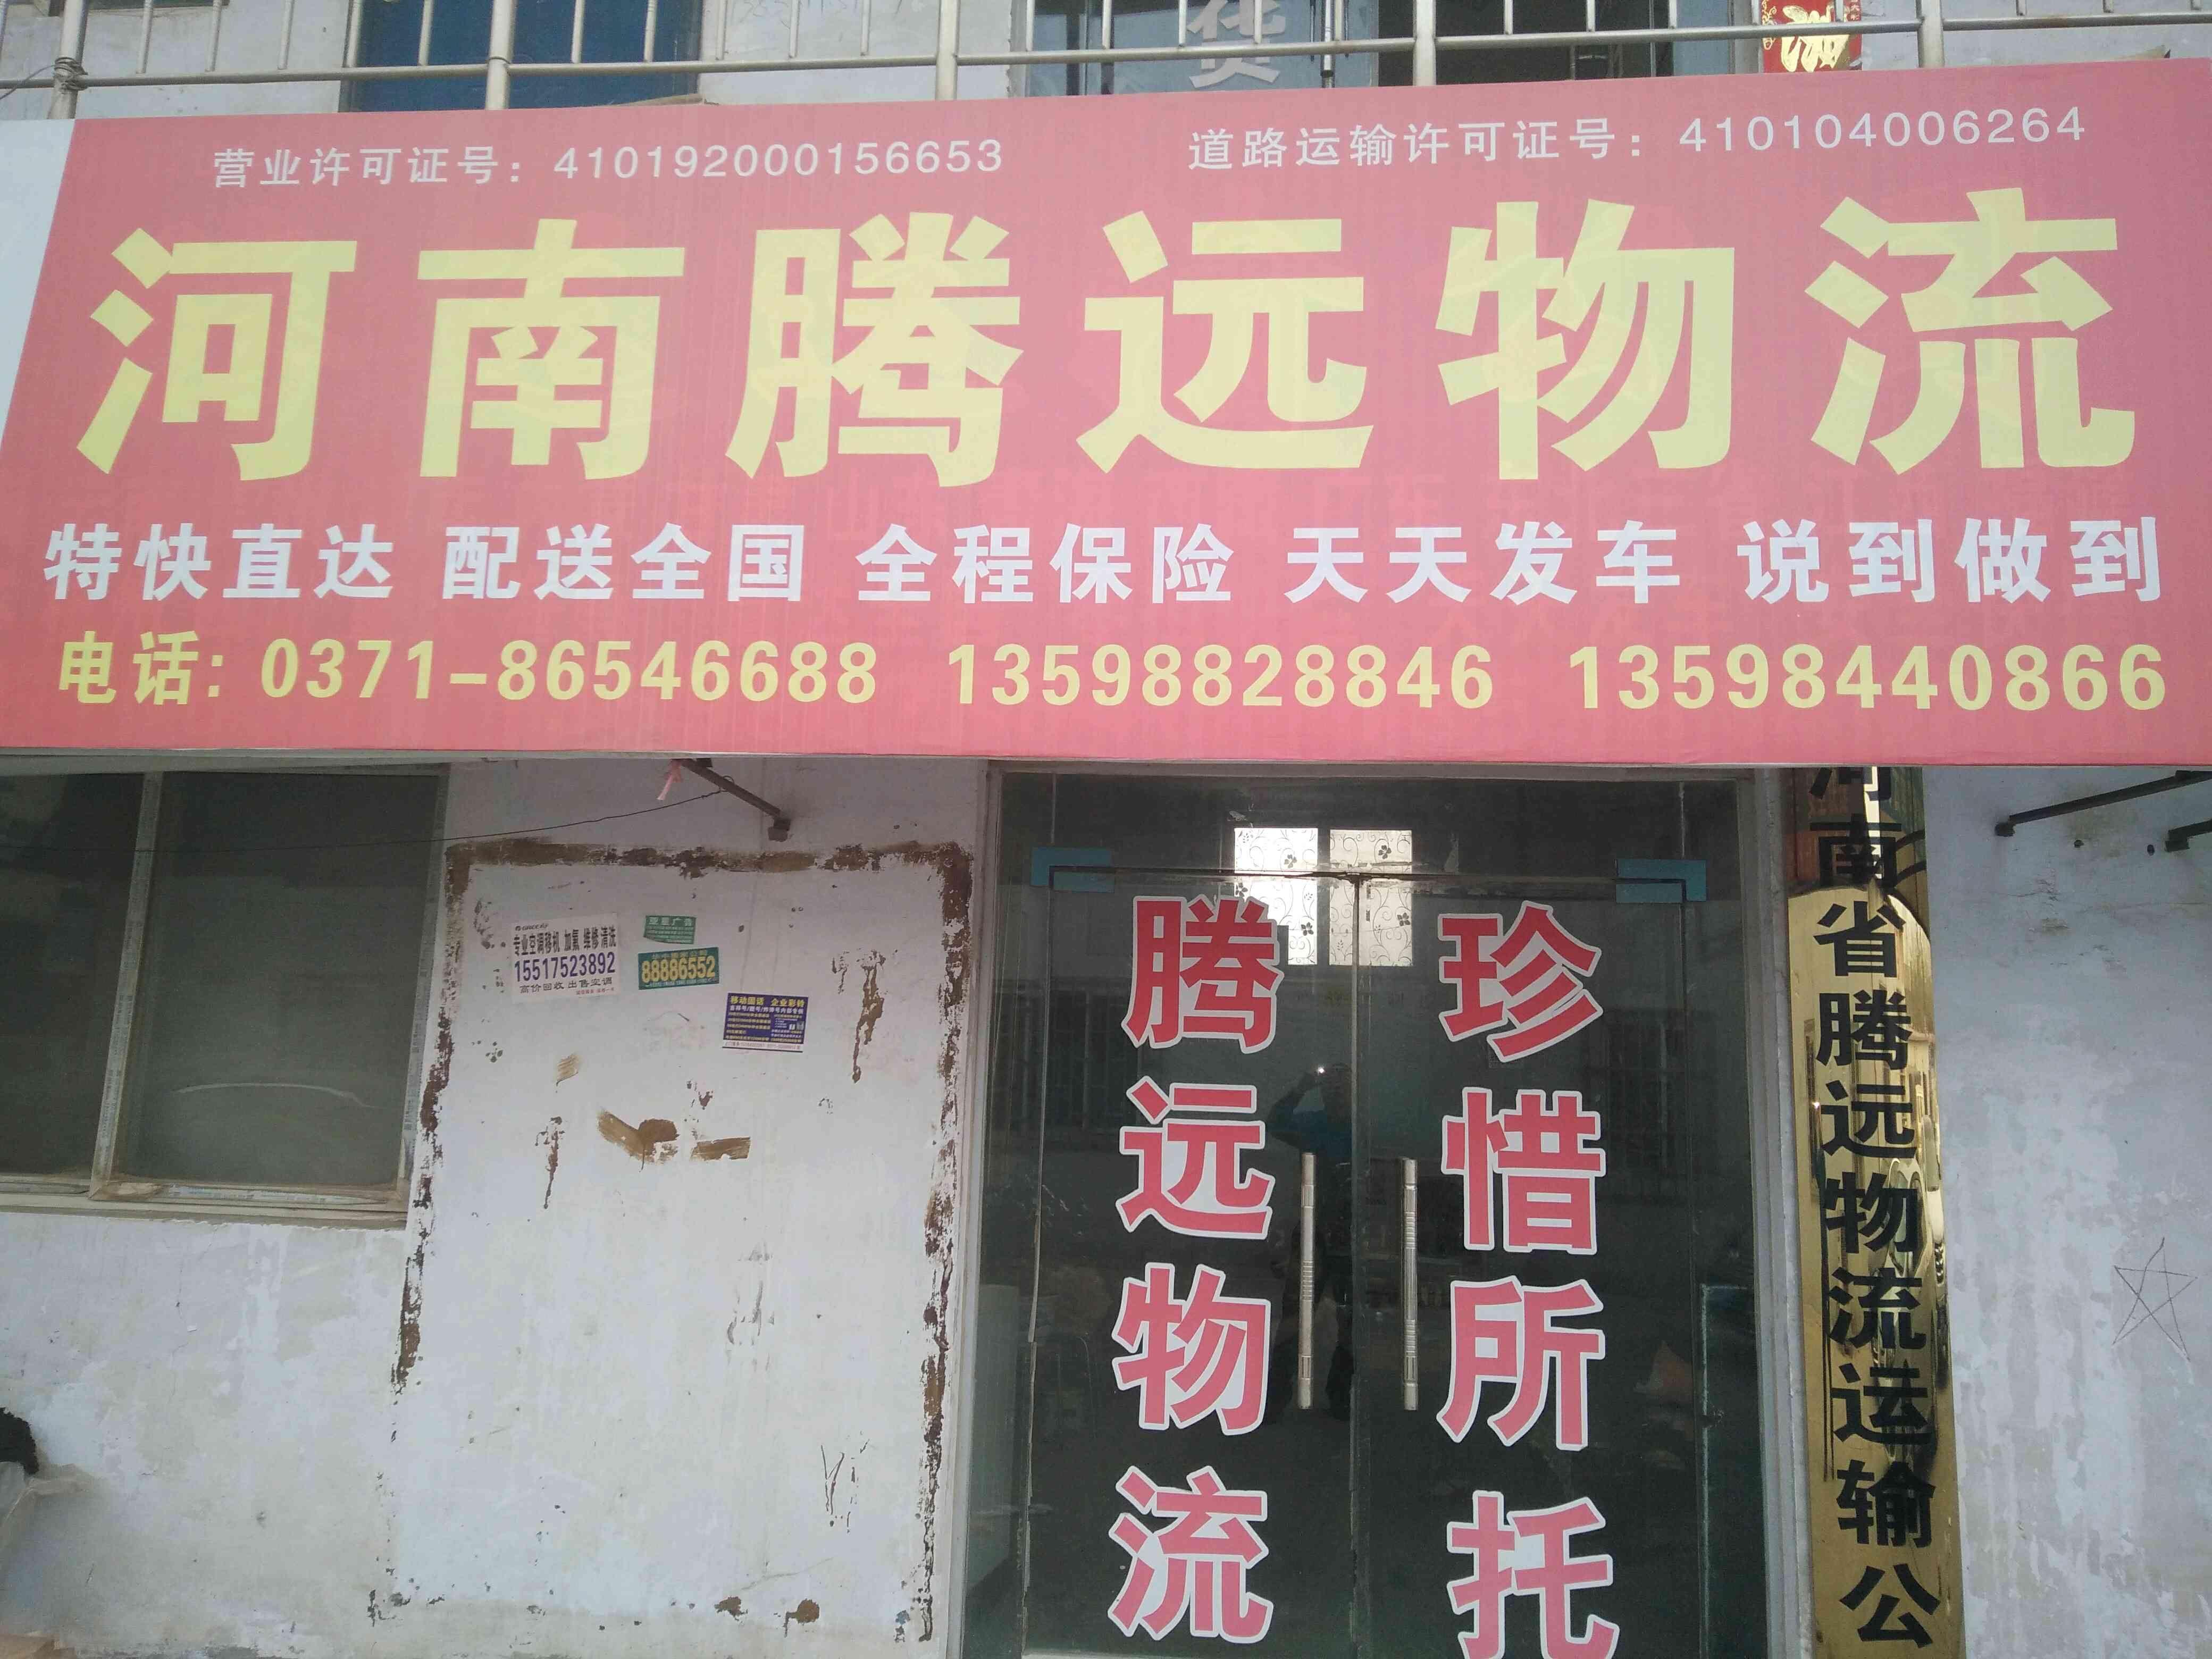 郑州到烟台物流专线(郑州腾远货运有限公司)